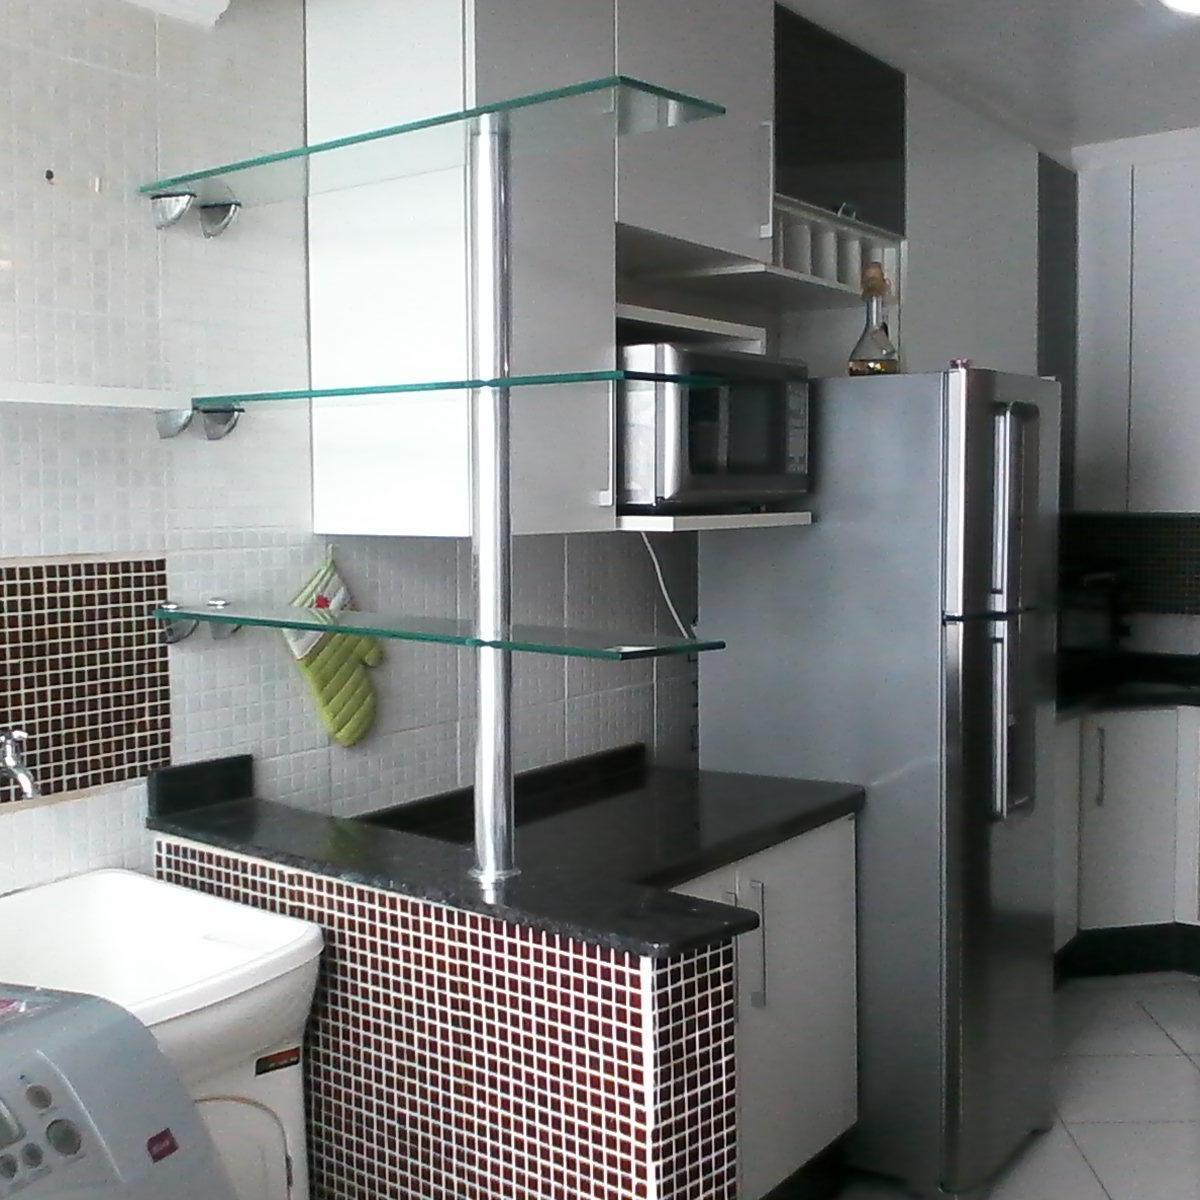 Imagens de #5F4545  semi mobiliado 3 Dormitórios no Jardim Botânico  Curitiba Paraná 1200x1200 px 3006 Box Banheiro Curitiba Pr